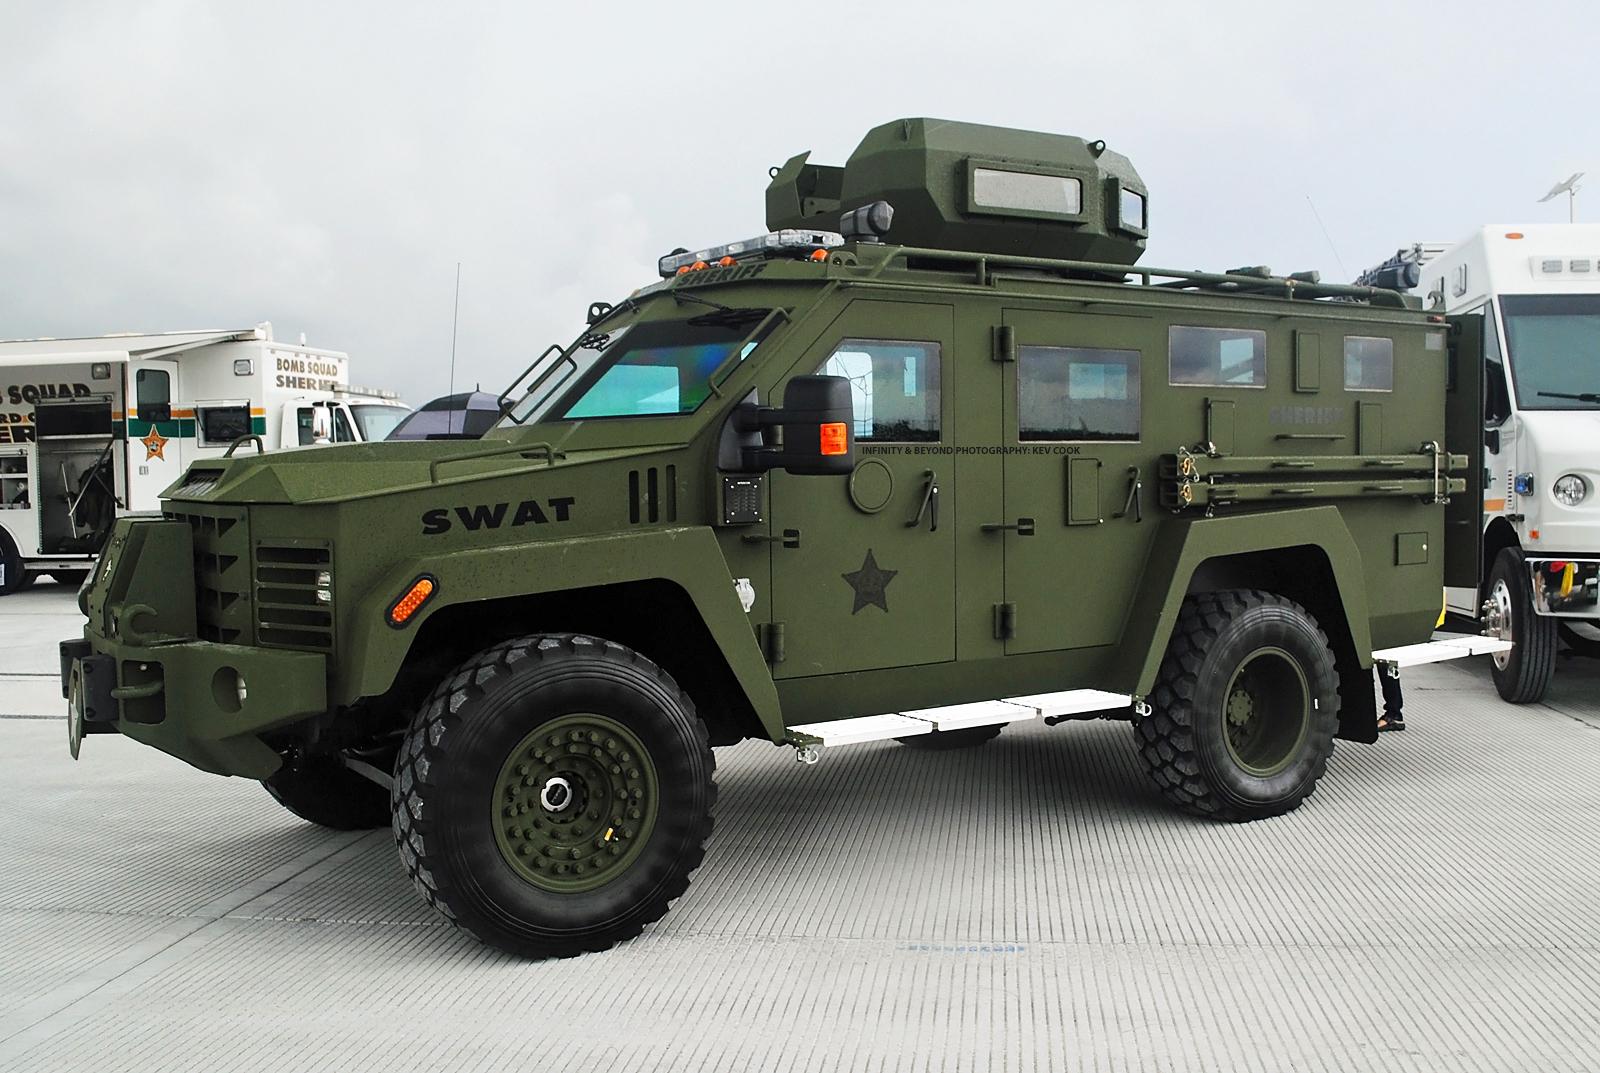 Fl Broward County Sheriff Law Enforcement Swat